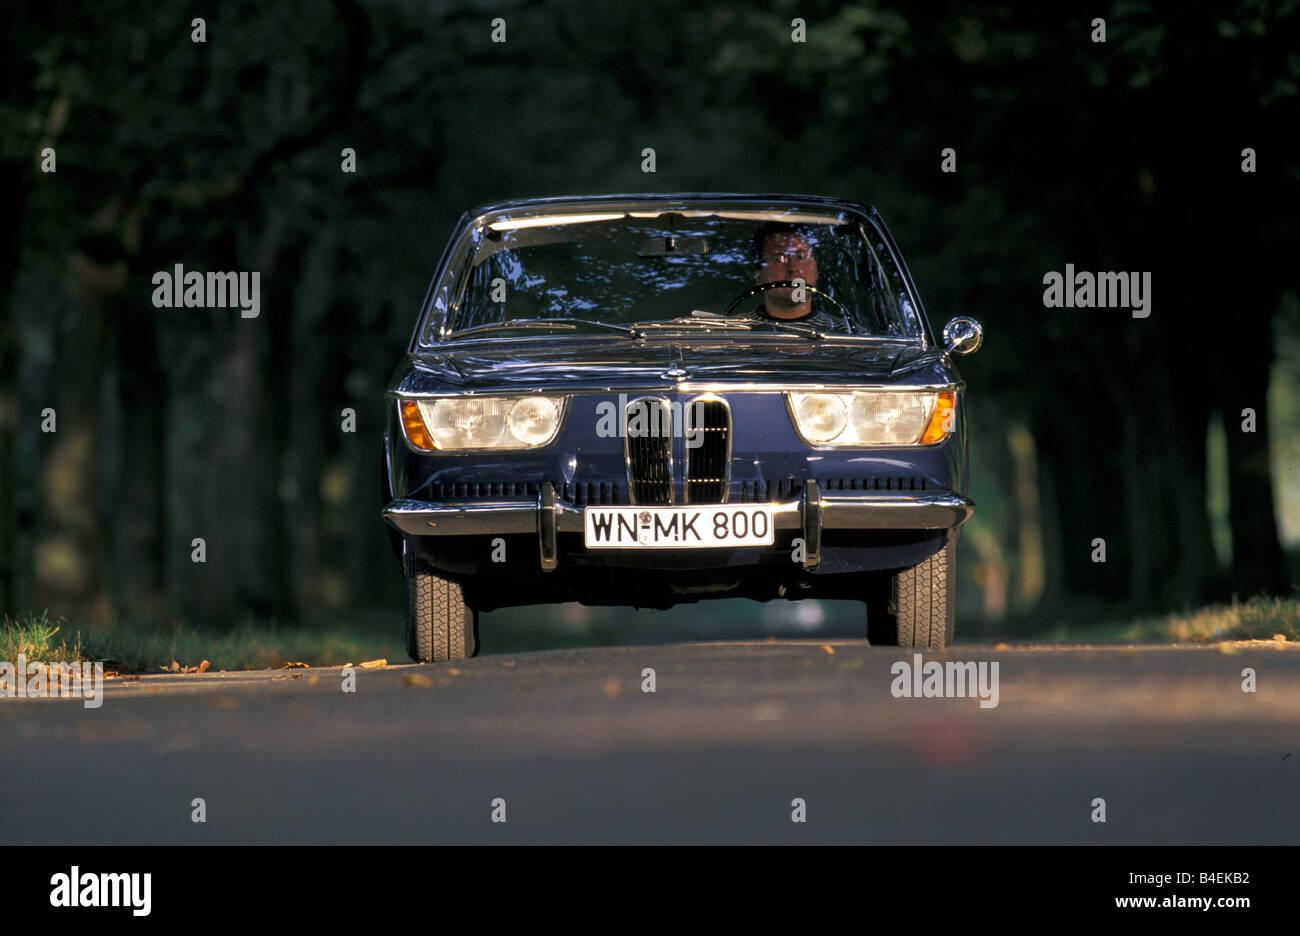 Car Bmw 2000 Cs Model Year 1966 1968 Vintage Car 1960s